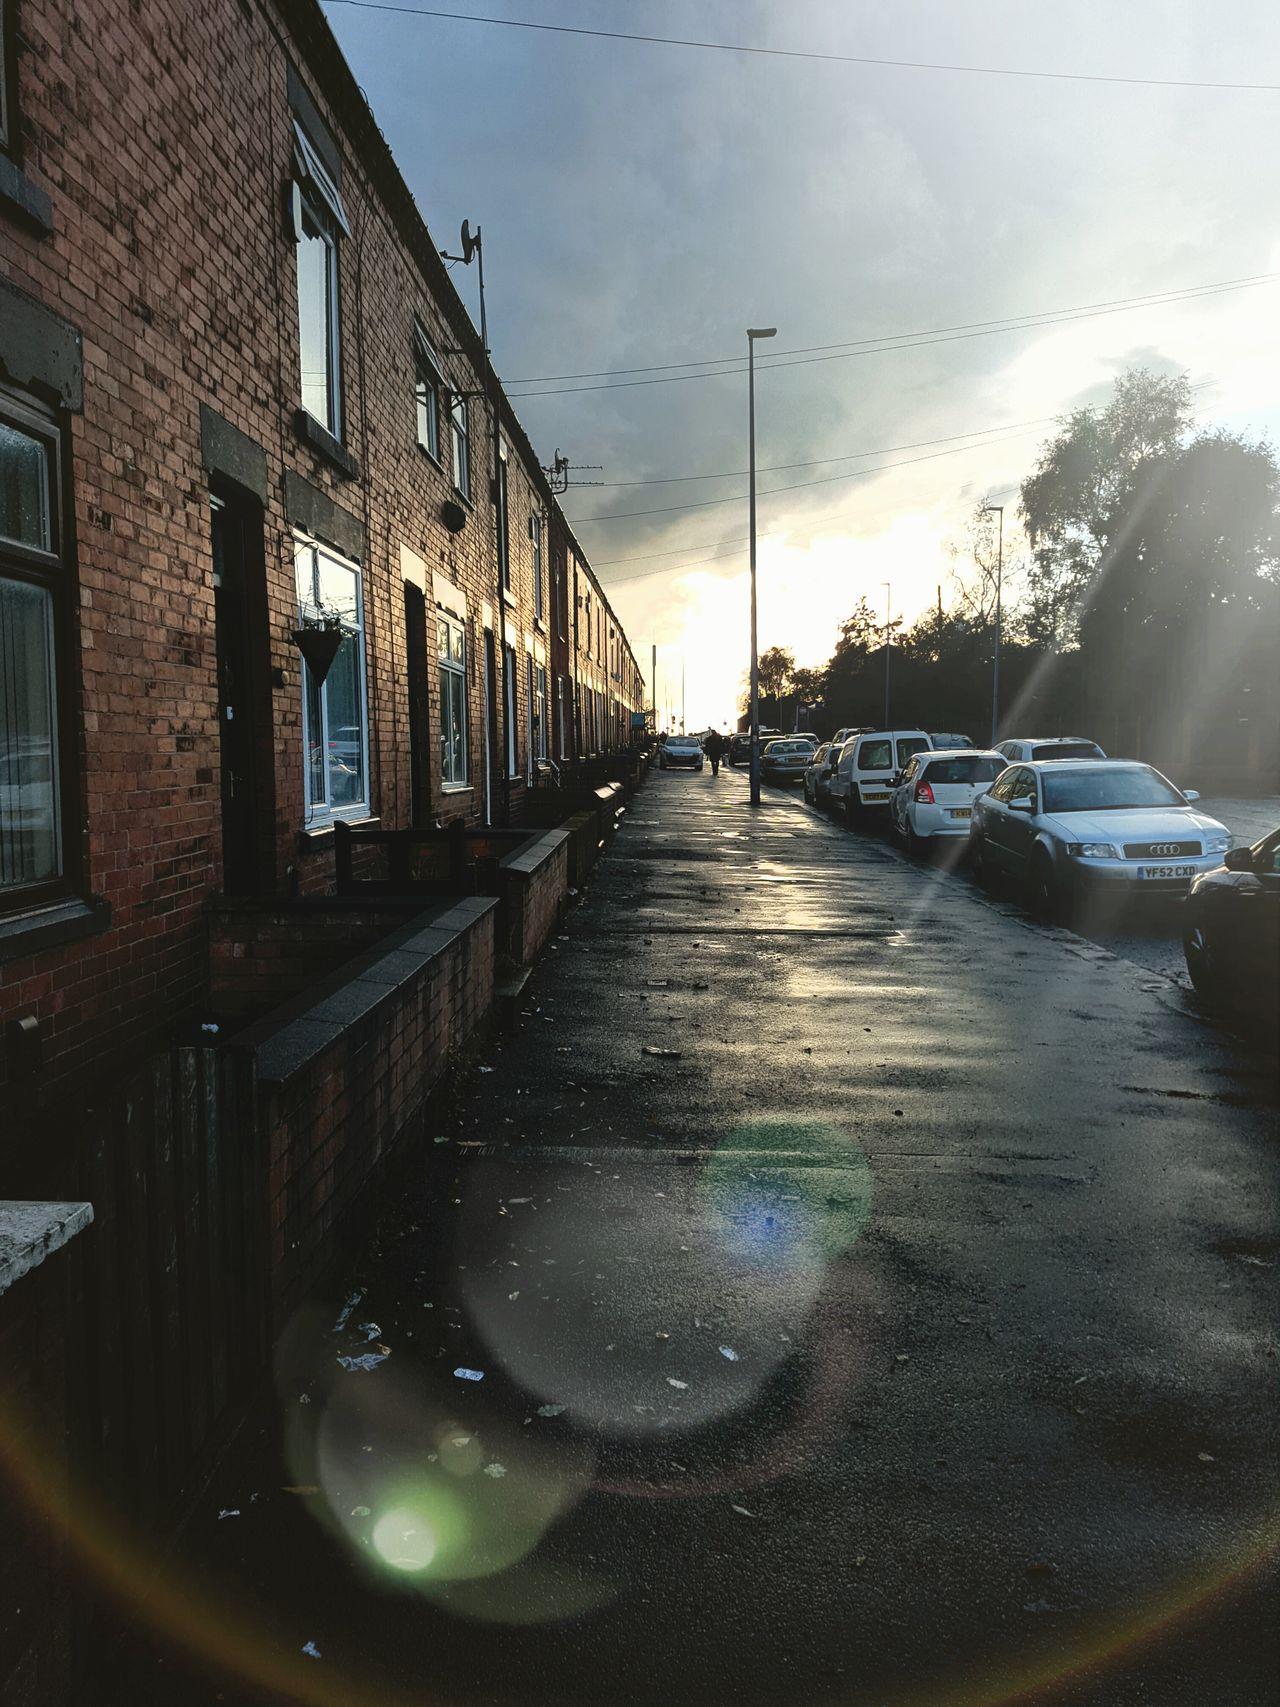 Streetlife Hometime Manchester UK Salford Littlehulton